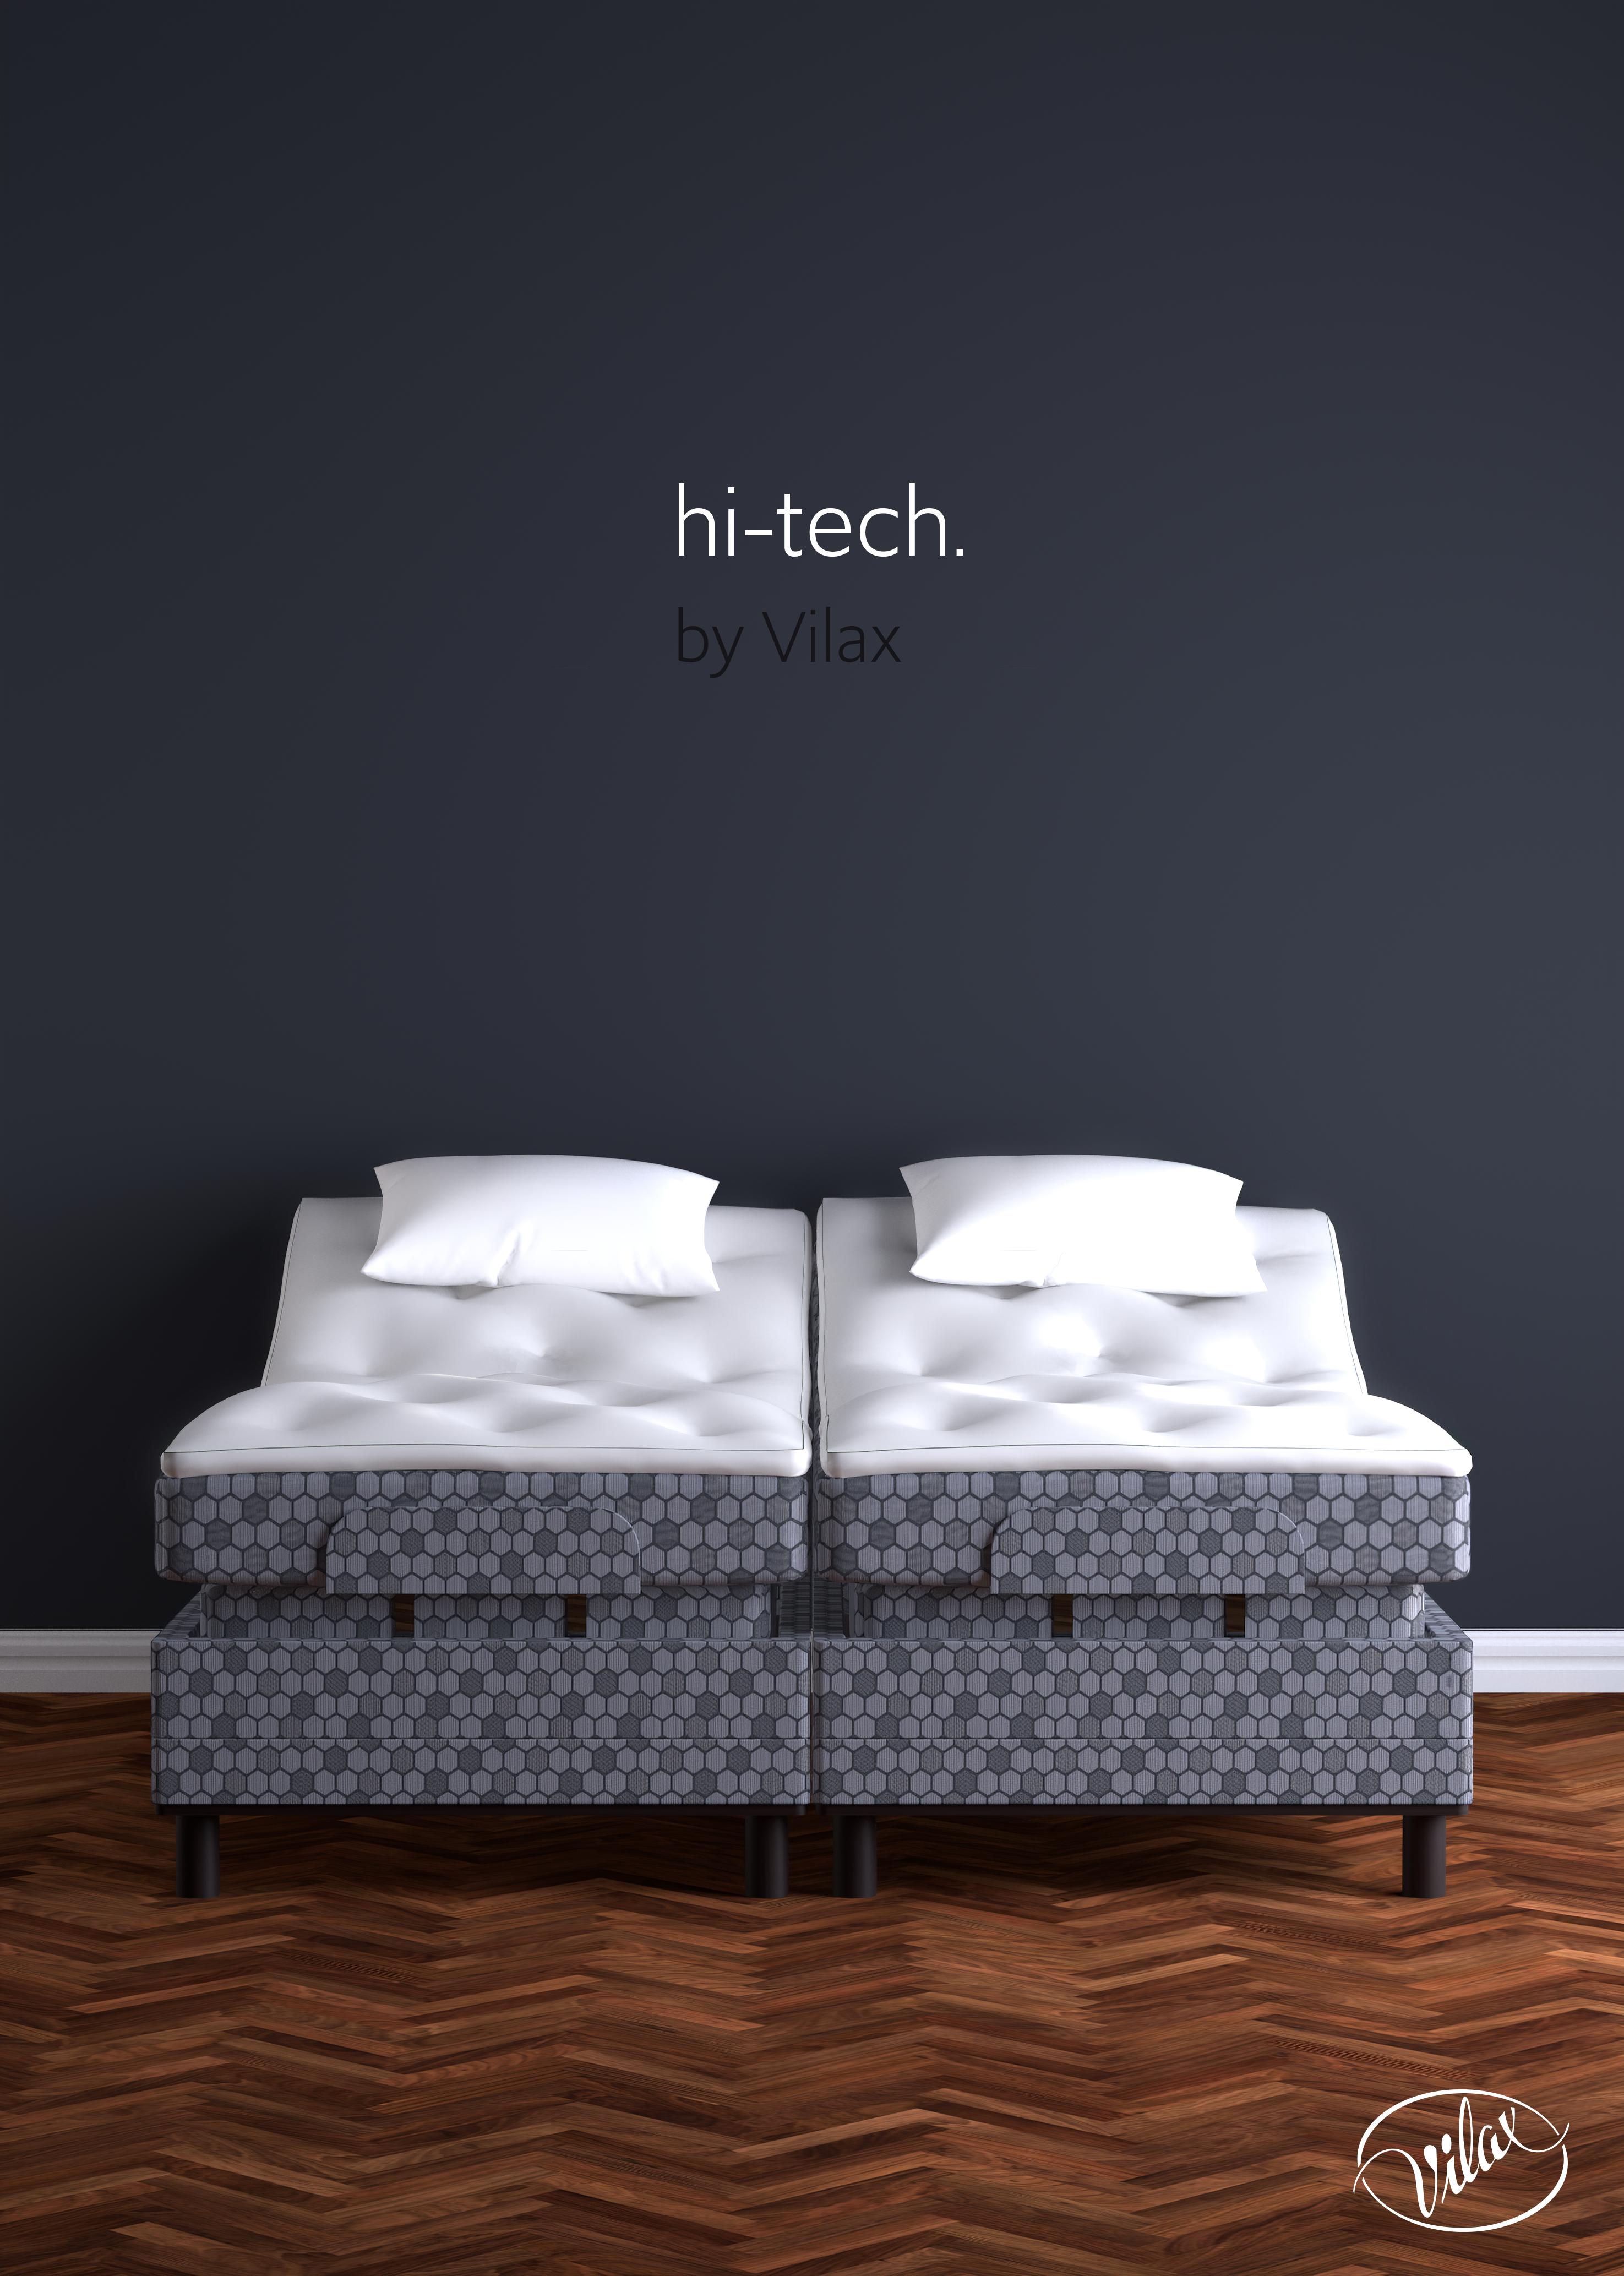 Vilax Hi-Tech